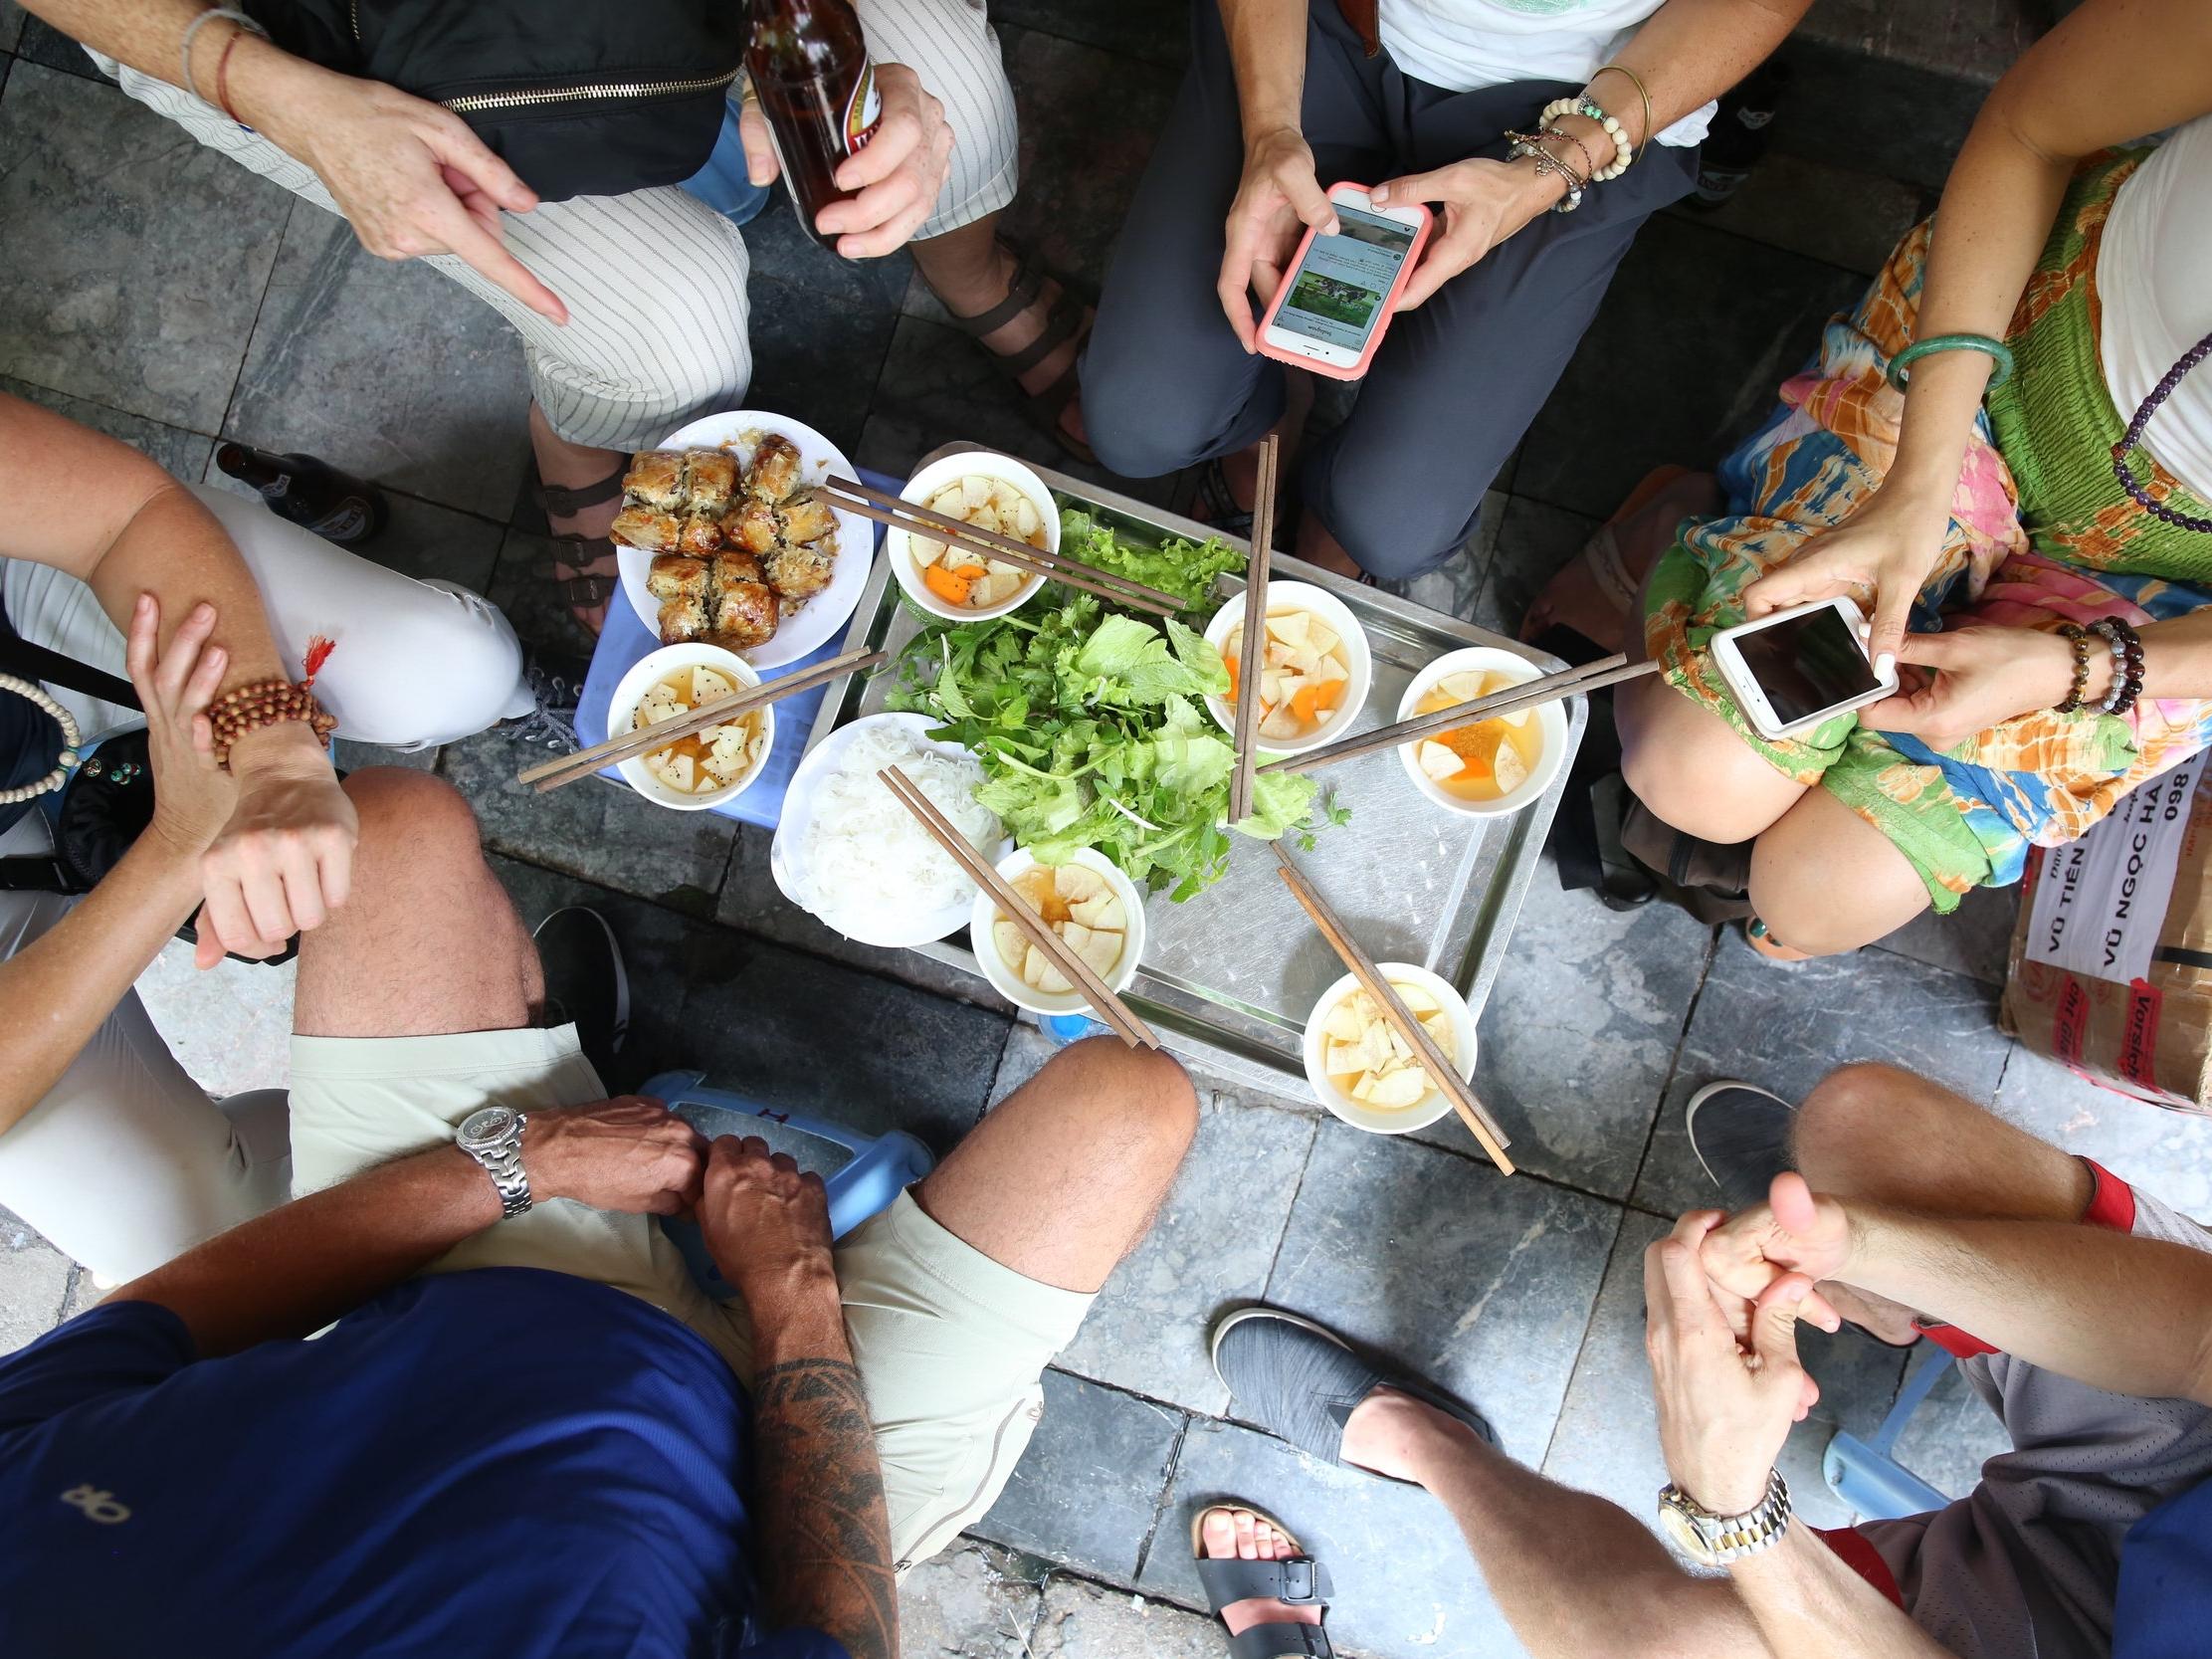 Viet17_Hanoi_food4_MPenfold.JPG